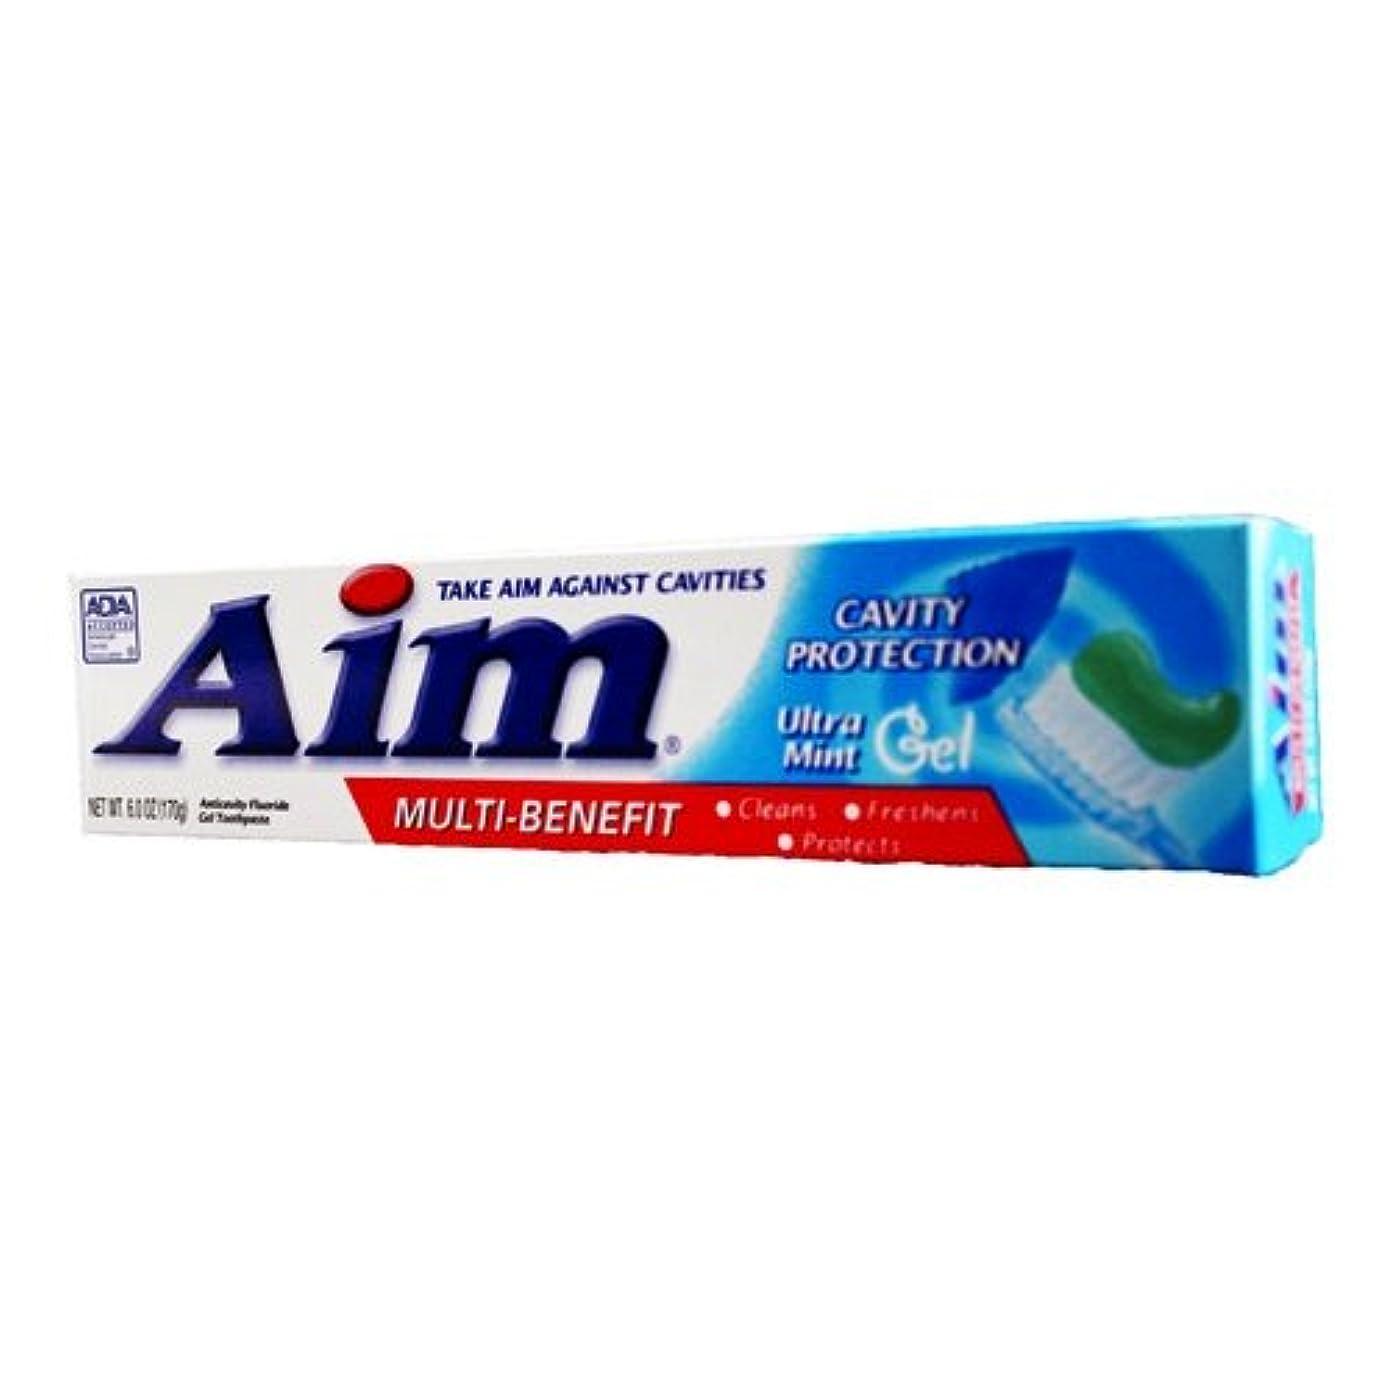 警告するアヒル山Aim Cavity Protection Anticavity Fluoride Toothpaste, Ultra Mint Gel 180 ml (Pack of 12) (並行輸入品)